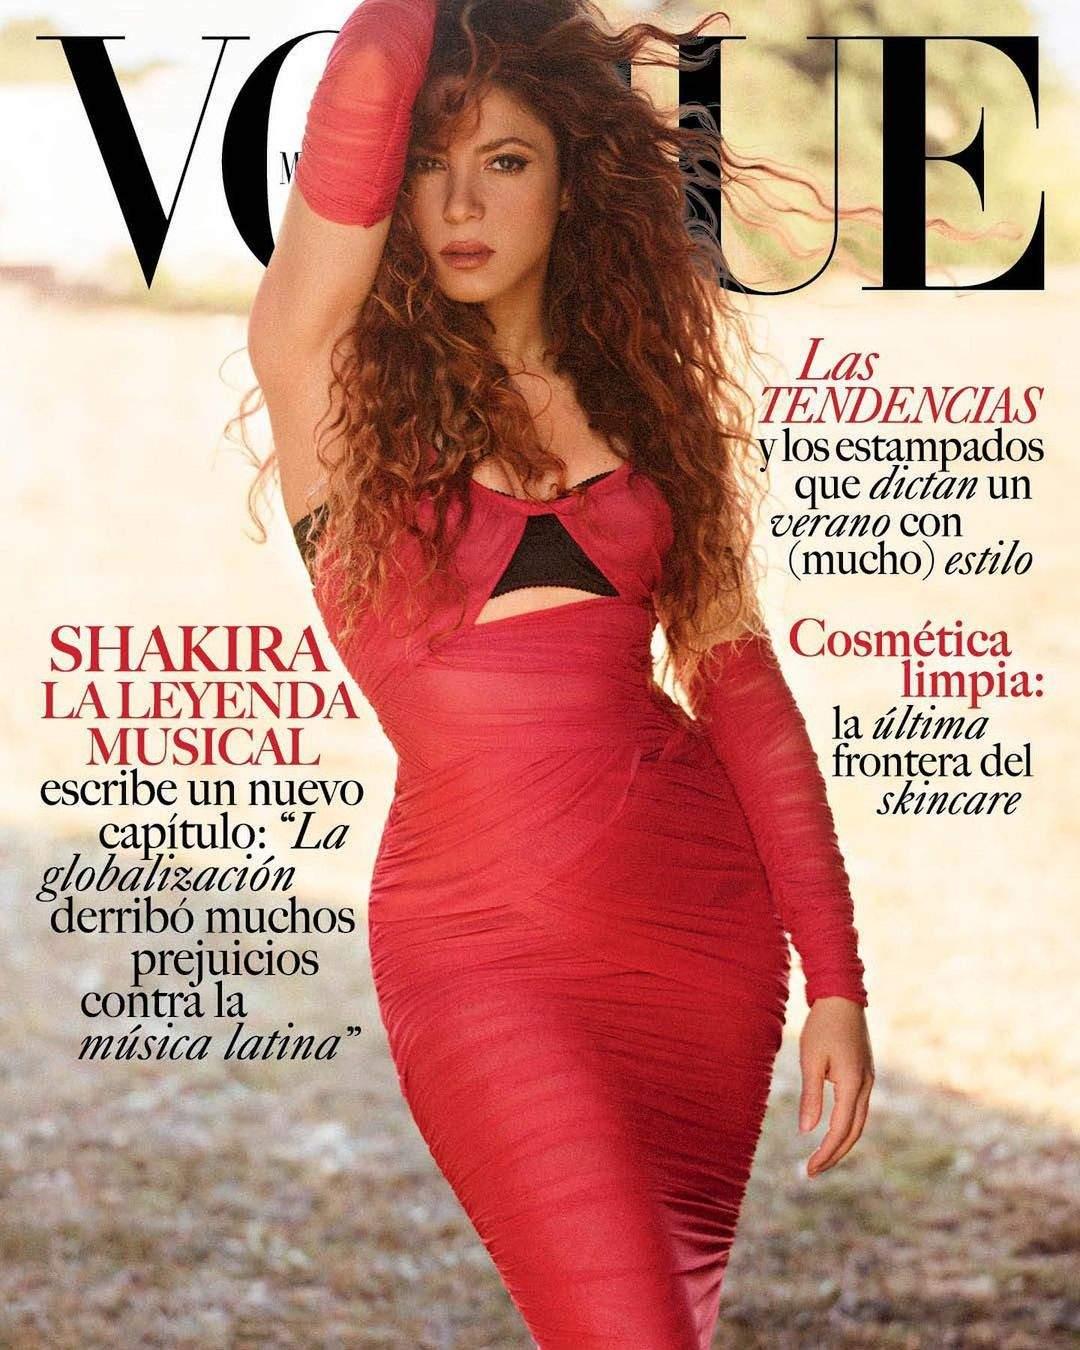 Шакіра стала зіркою мексиканського Vogue (ФОТО) - фото 2